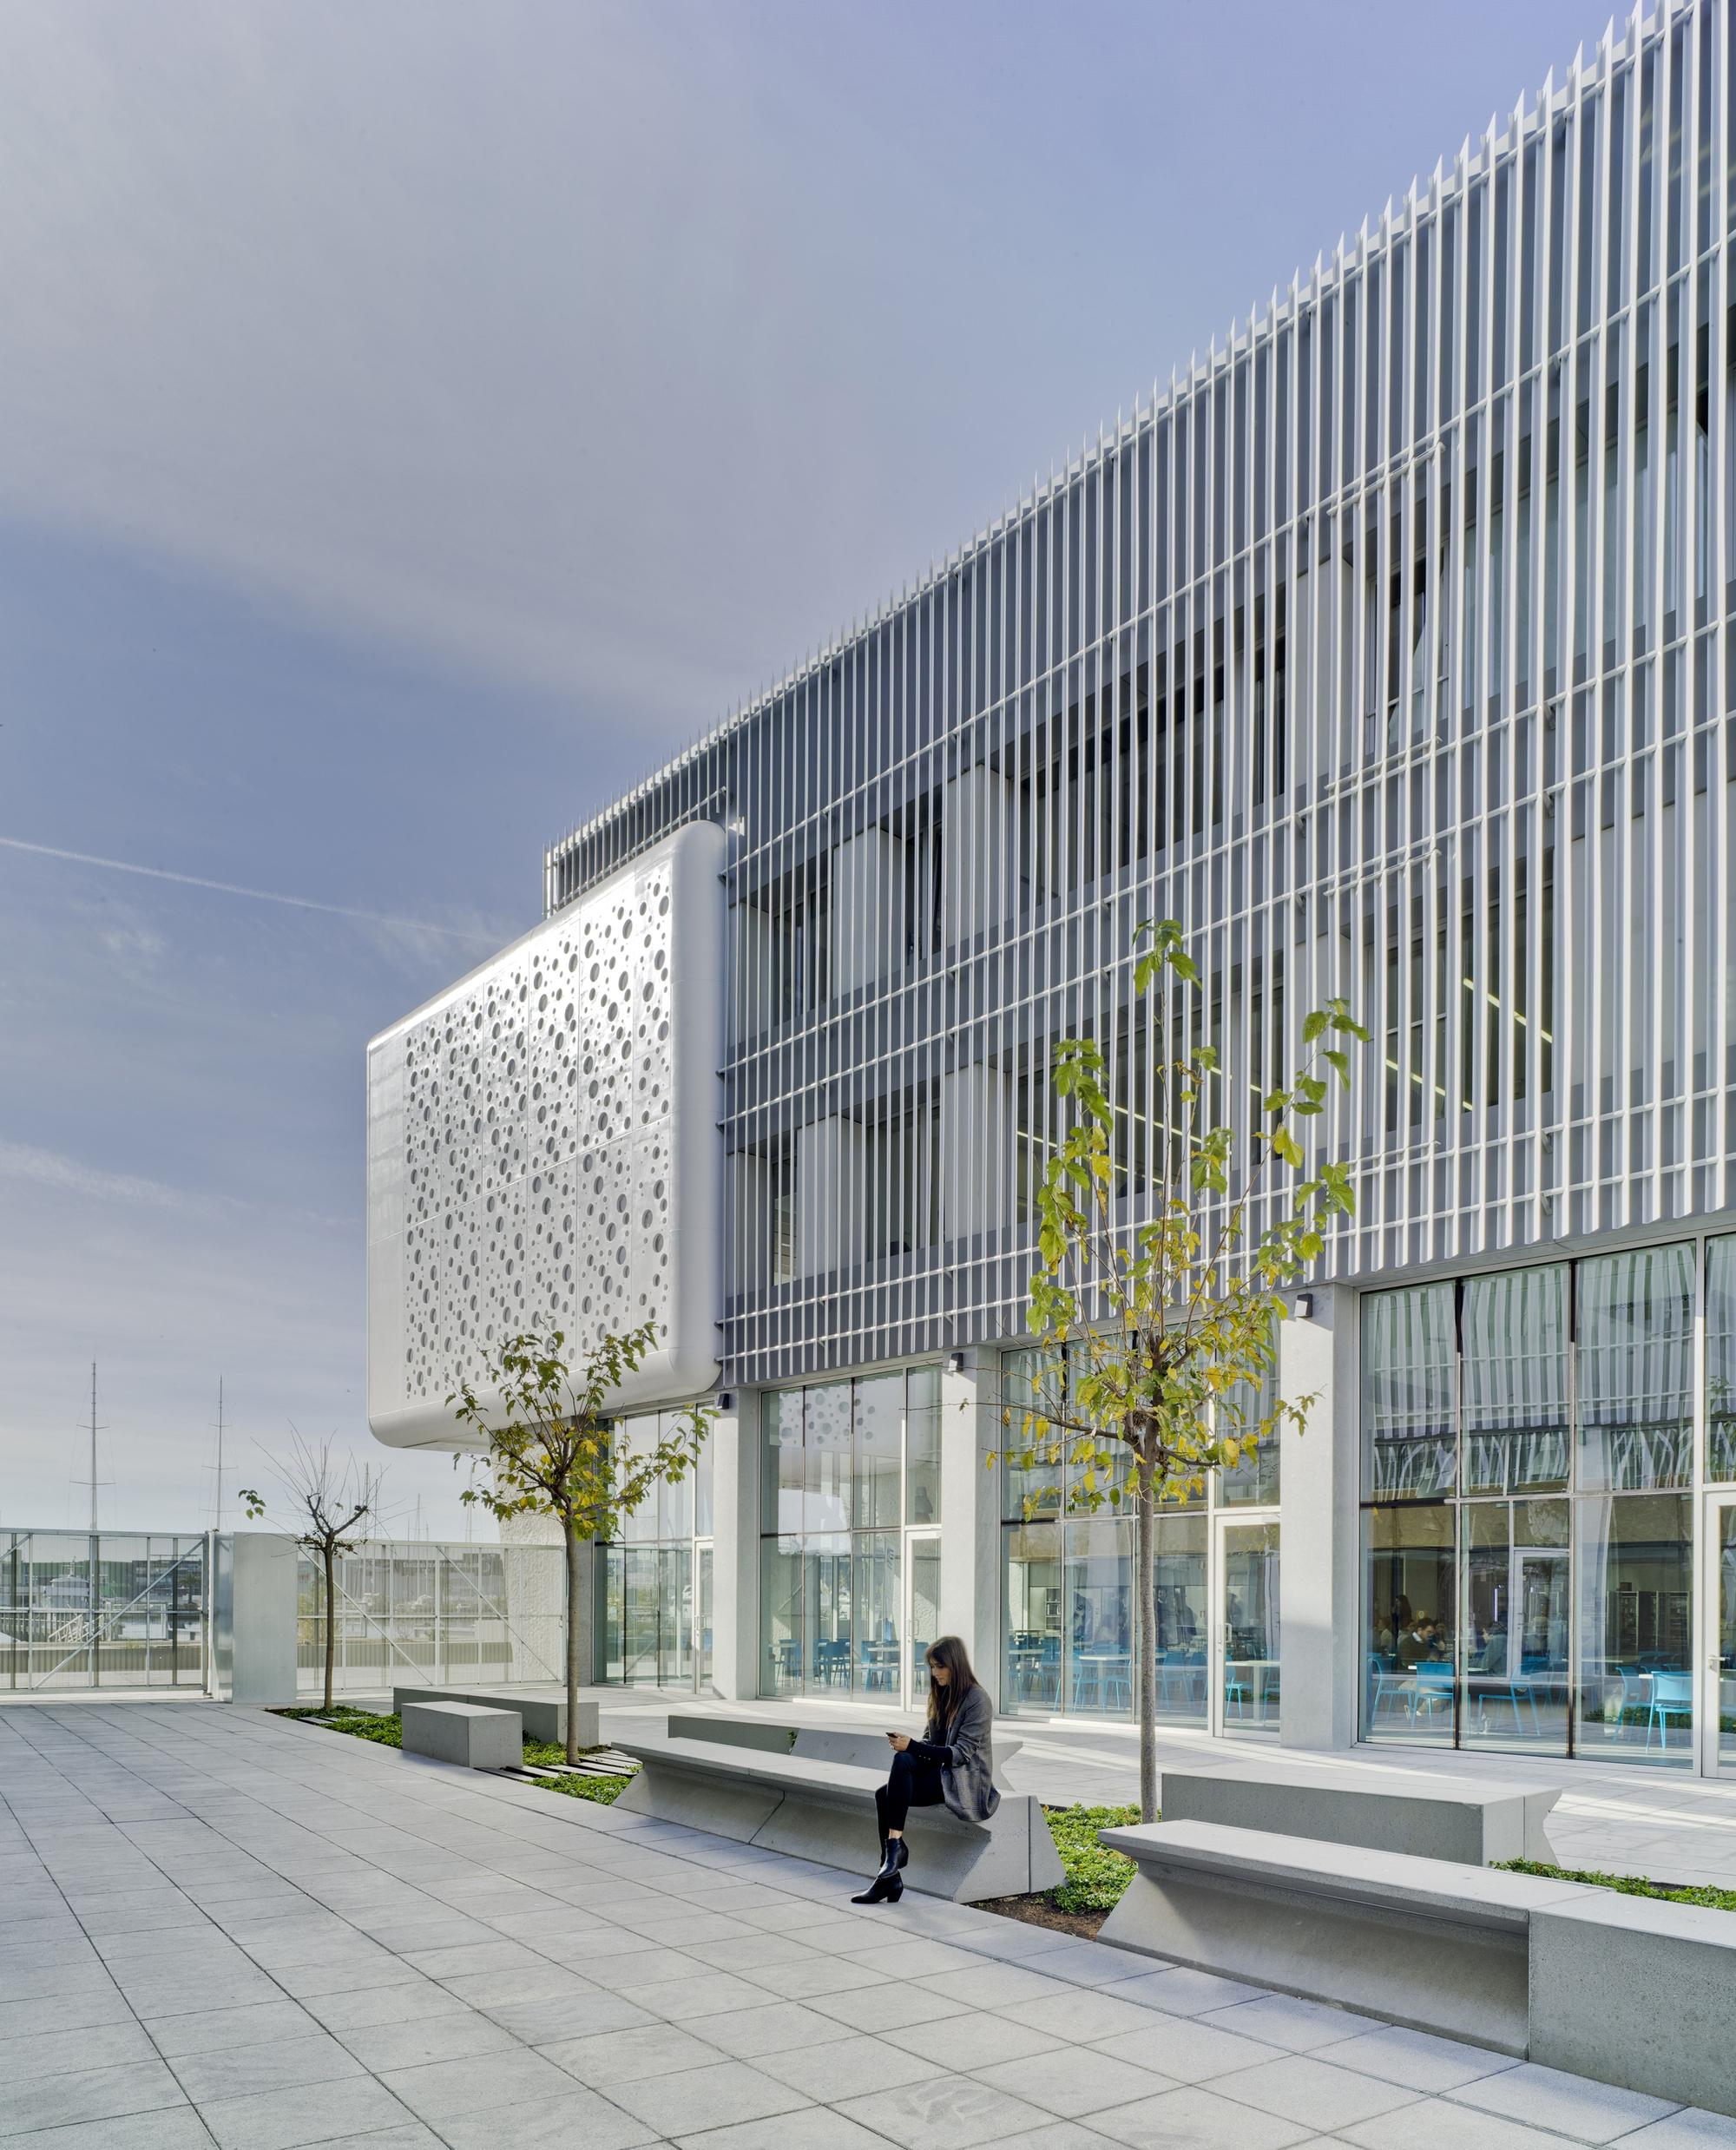 Galer a de marina de empresas erre arquitectura 23 for Empresas de arquitectura